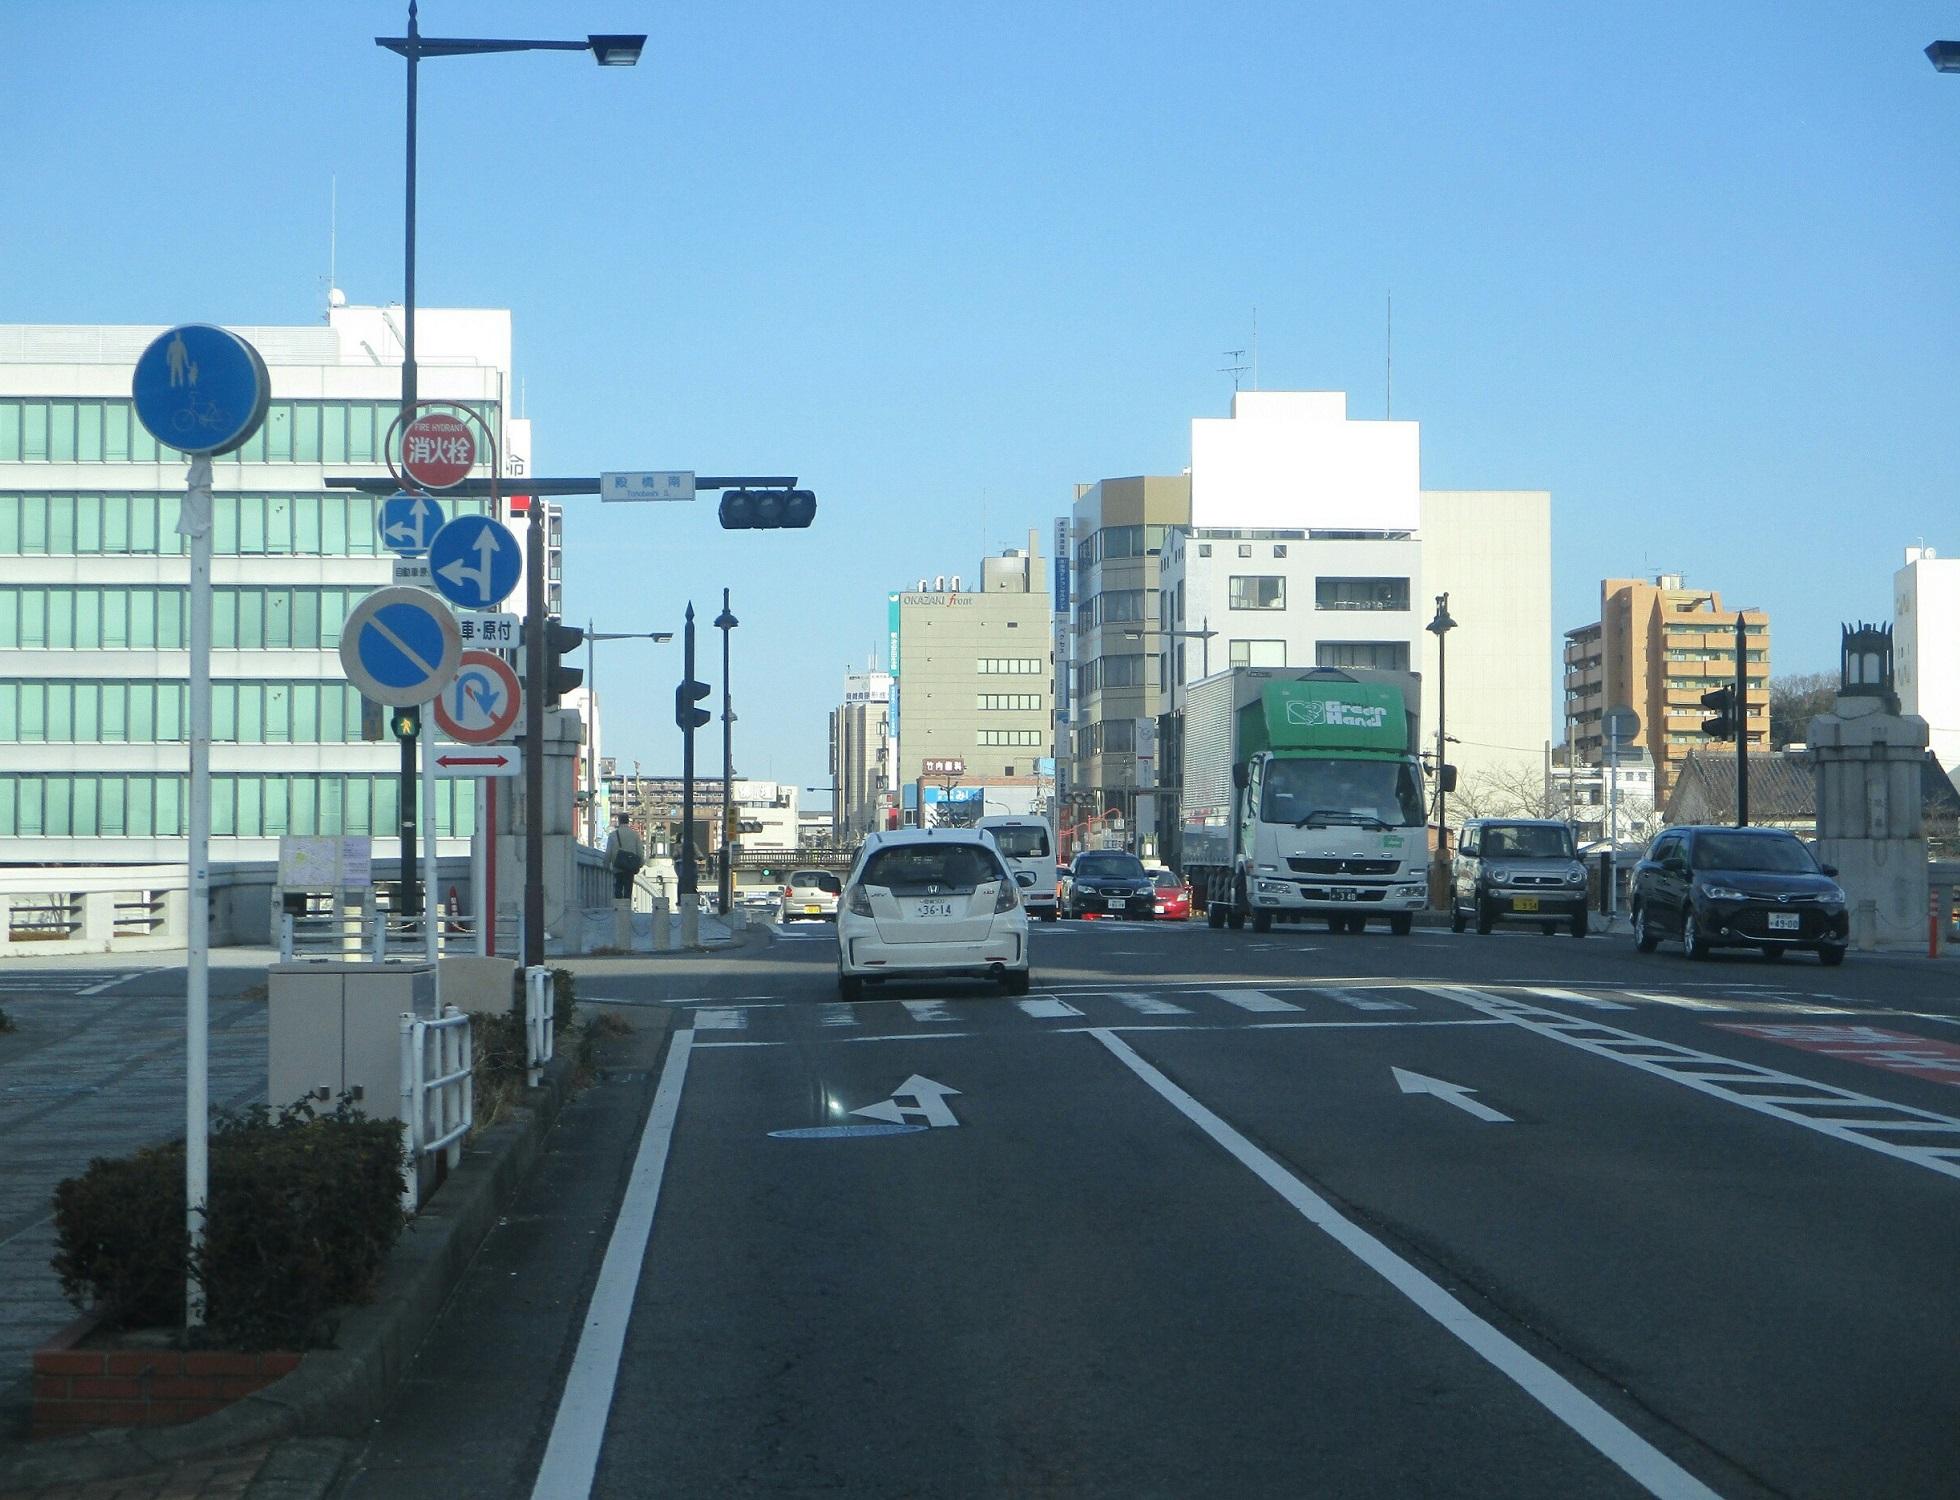 2019.1.11 (7) 足助いきバス - 殿橋をわたる 1960-1500